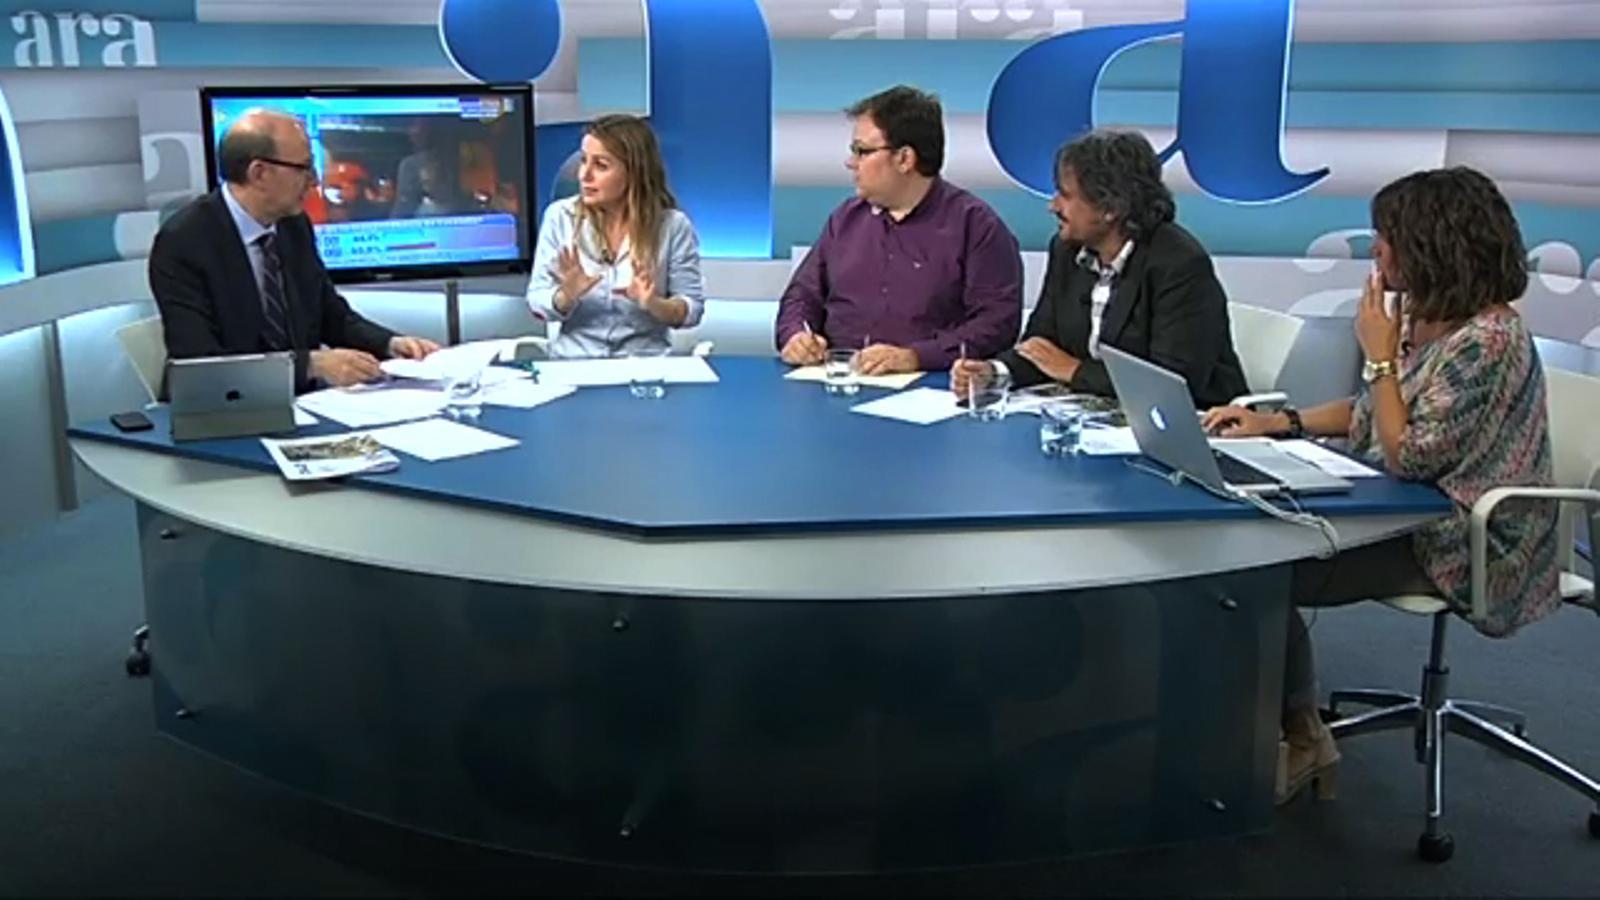 Especial Diada 2013 a l'Ara TV, amb Antoni Bassas: l'anàlisi de Mònica Planas de la retransmissió televisiva de la Via Catalana